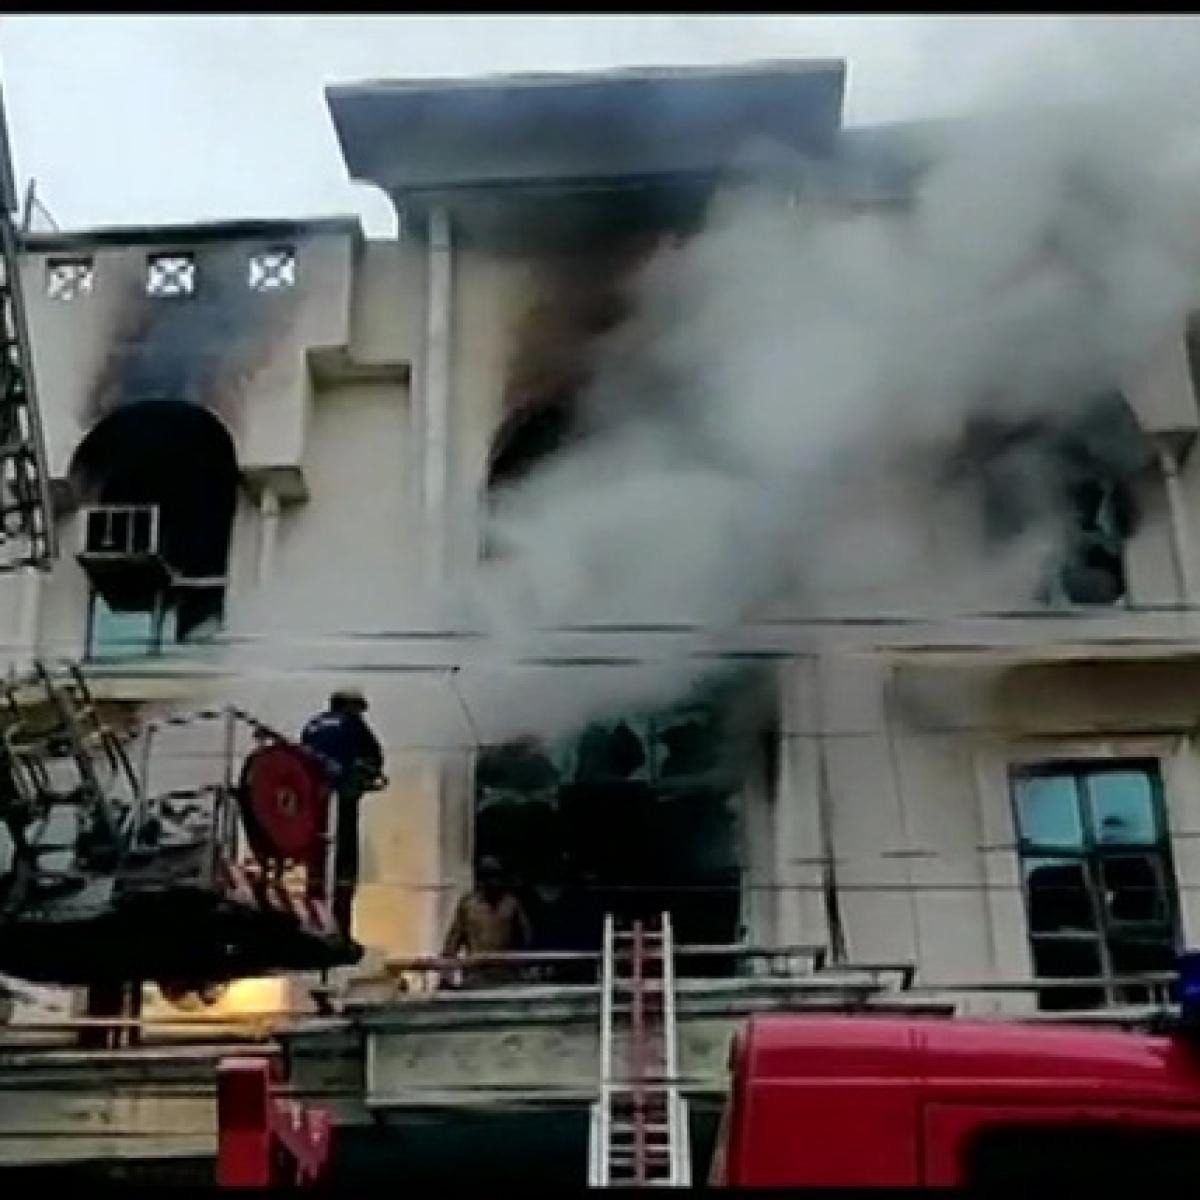 Major fire breaks out in Patparganj Industrial Area of Delhi, 1 killed